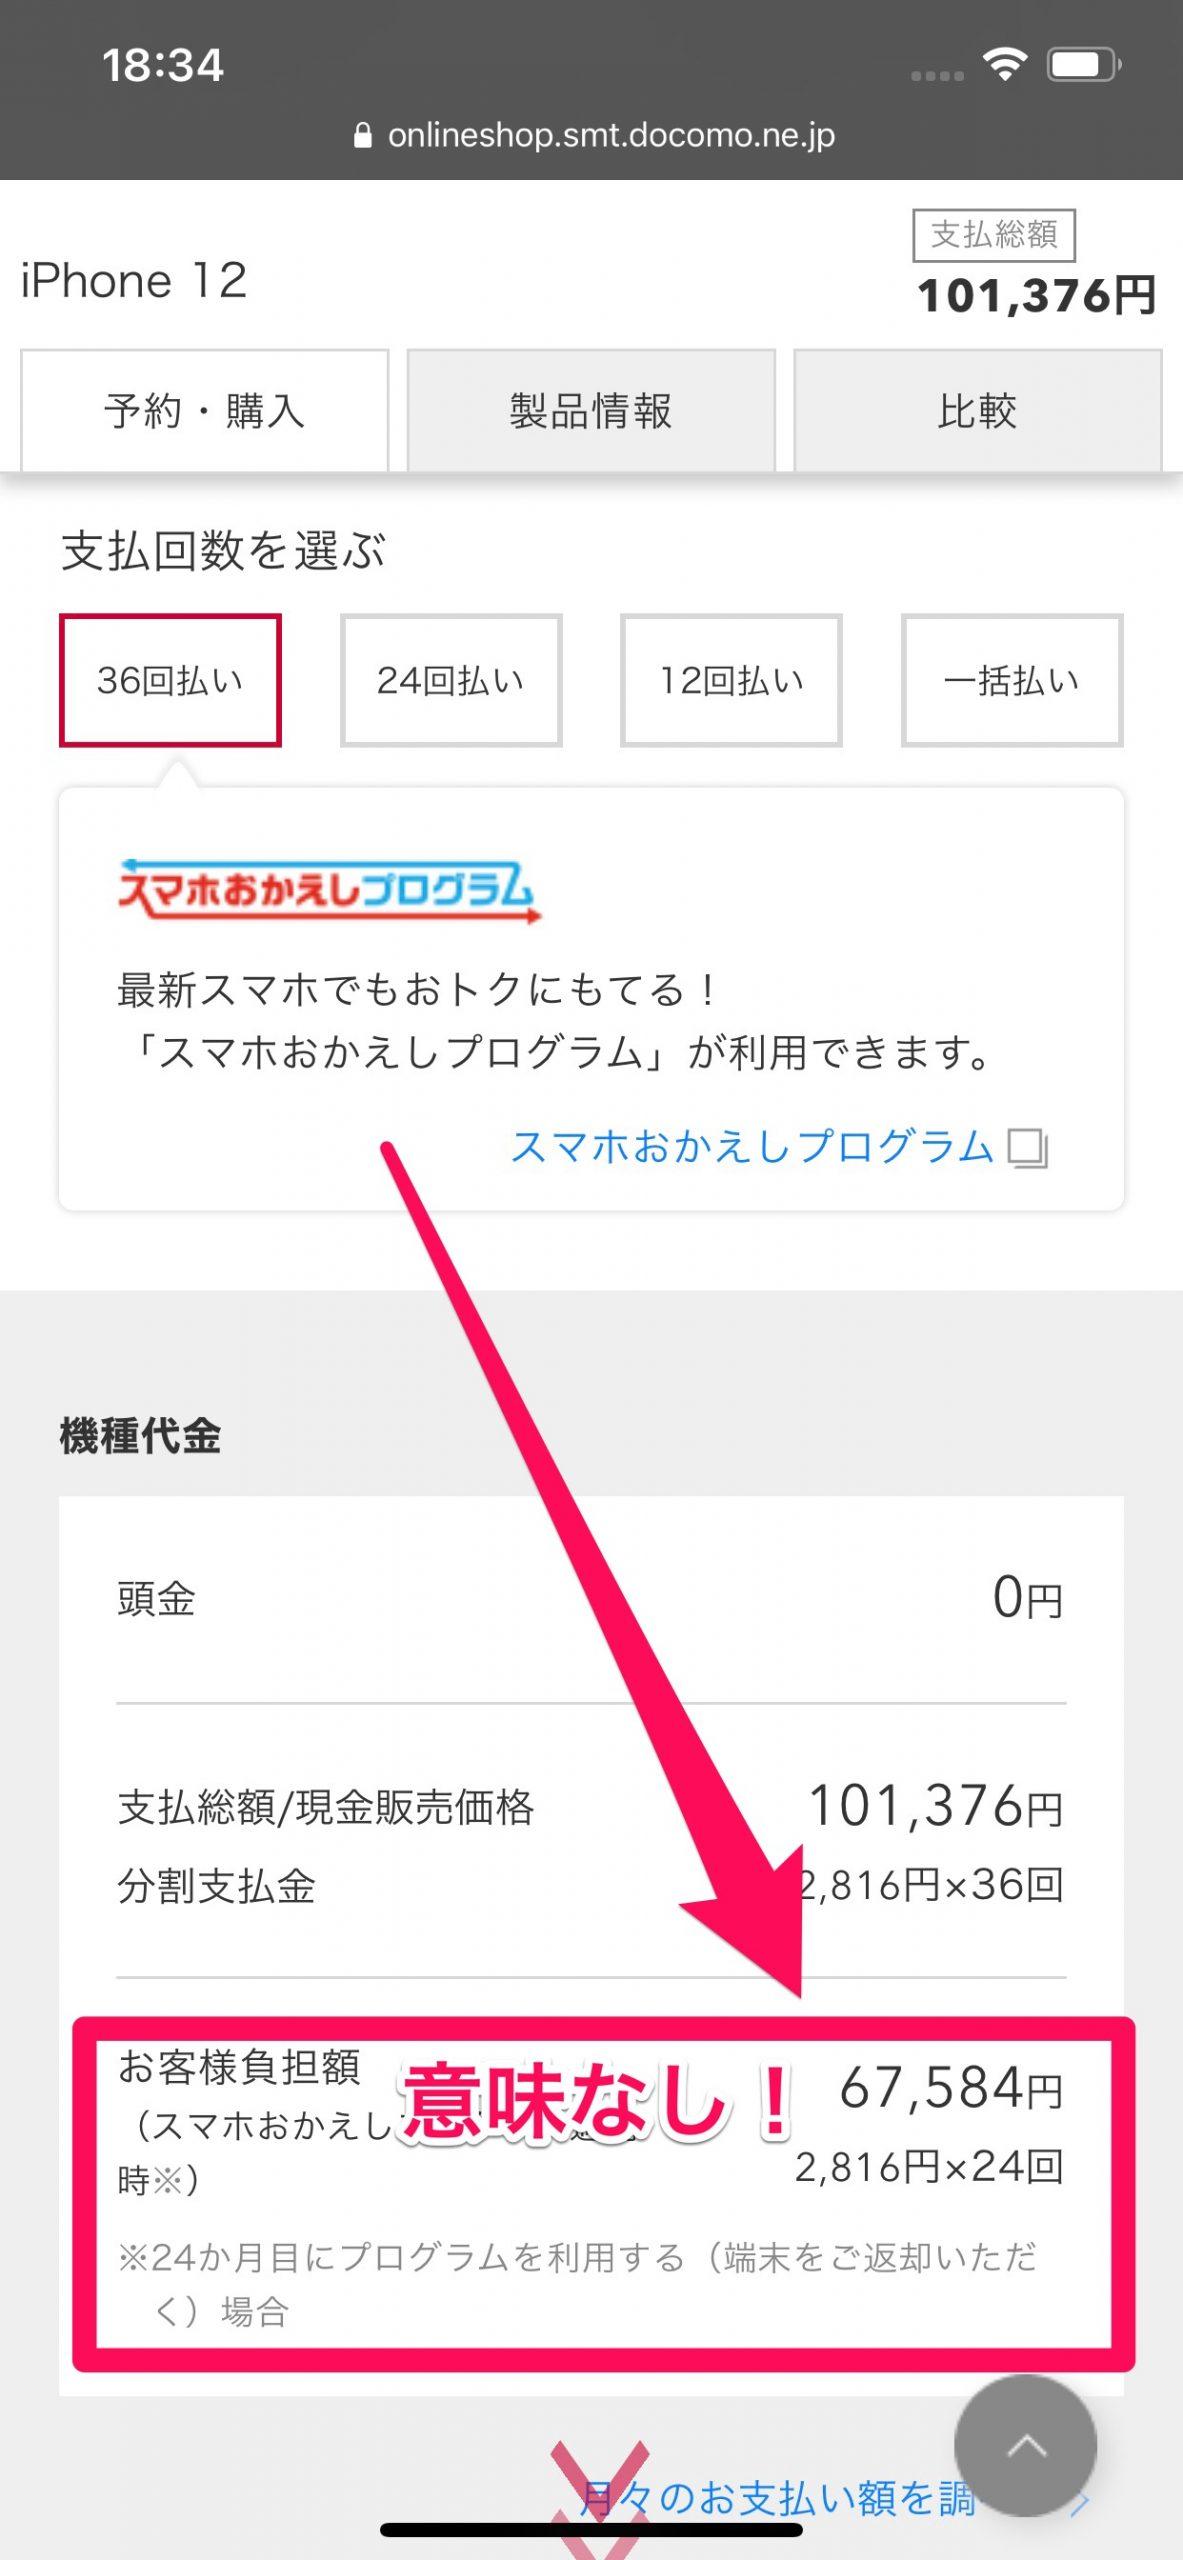 ドコモのiPhone 12購入画面3